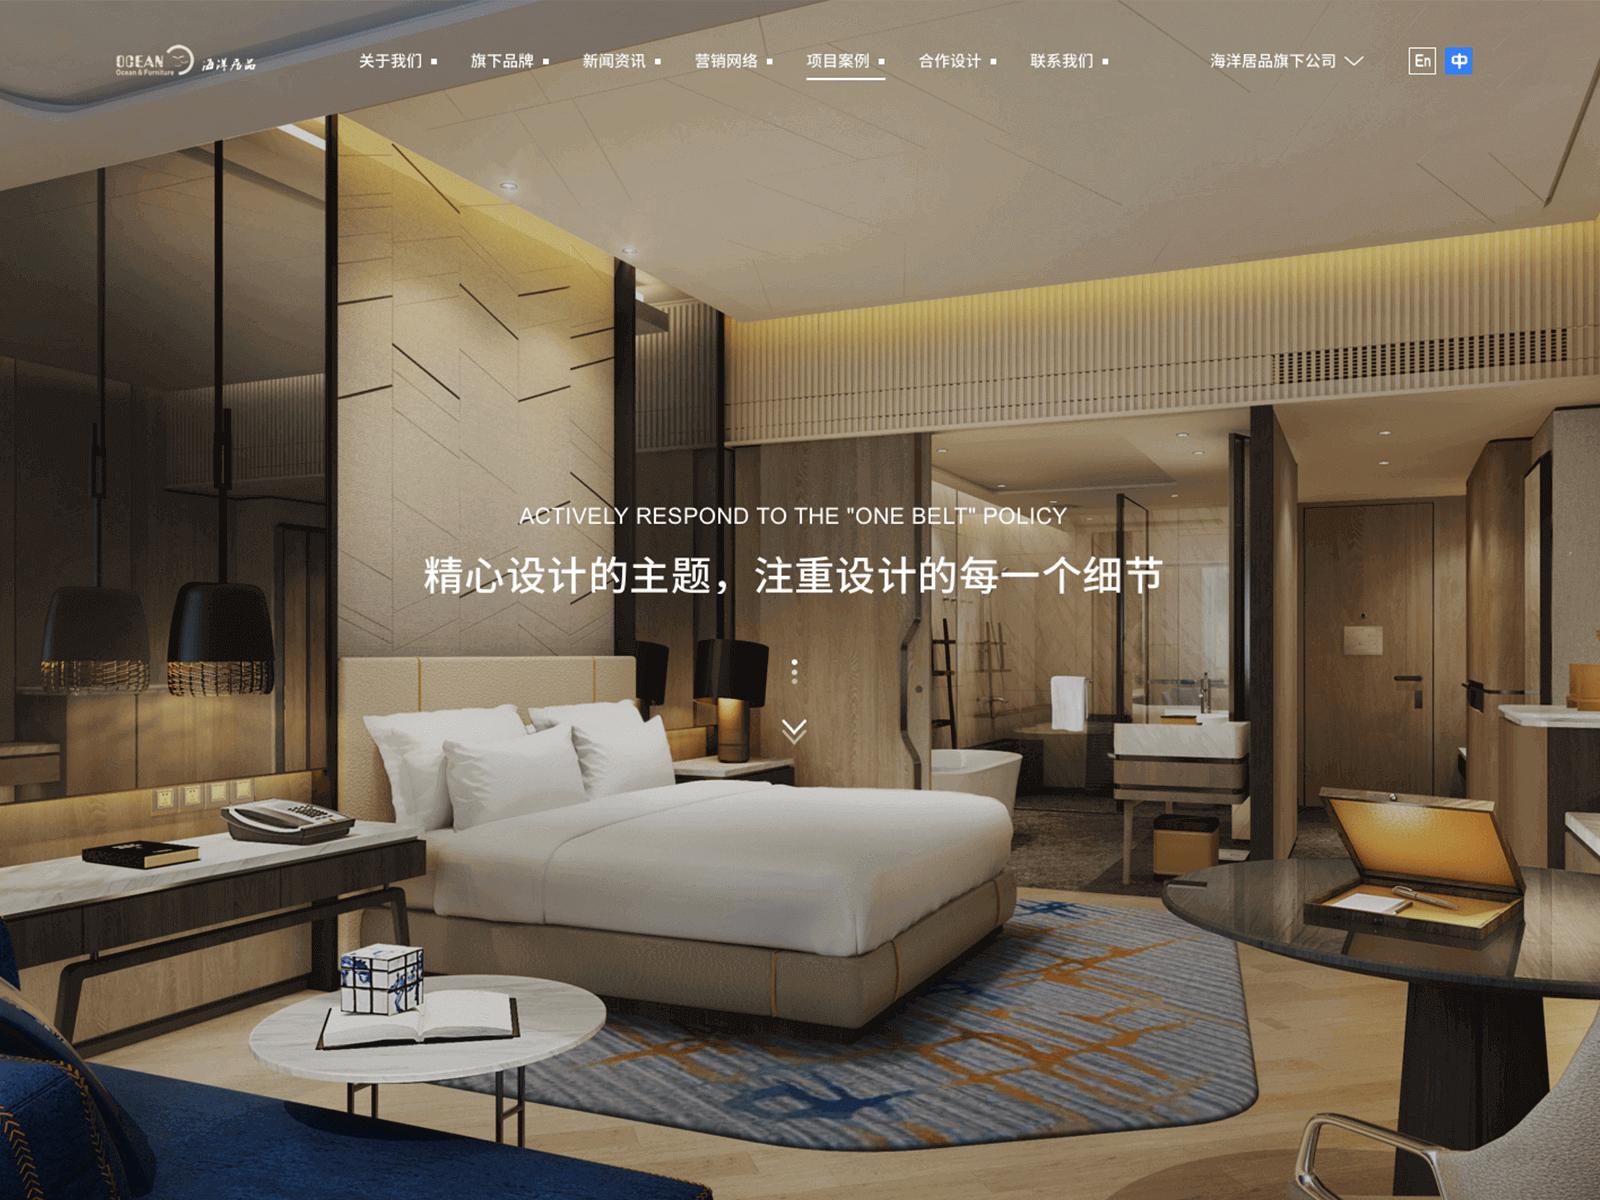 海(hai)洋居品網站設計